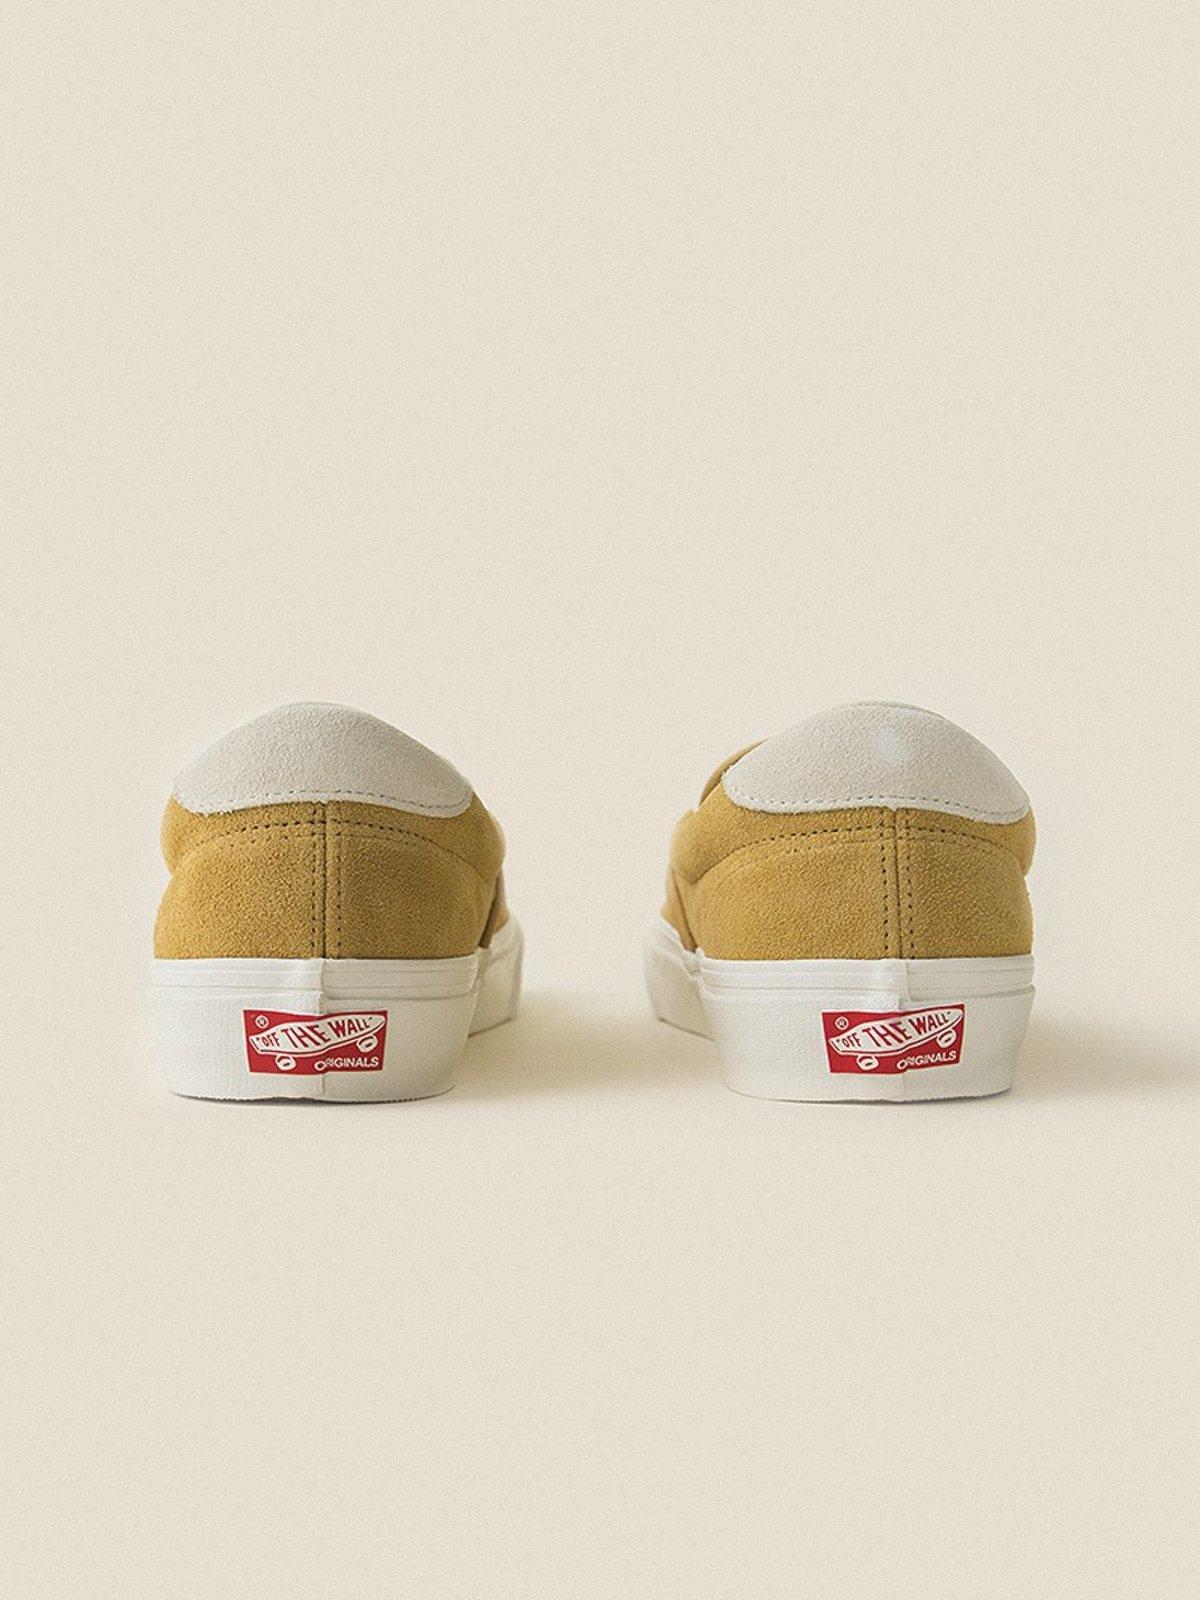 60aaaf0ef0 VANS VAULT Suede OG Slip-On 59 LX - Honey Mustard Marshmallow ...